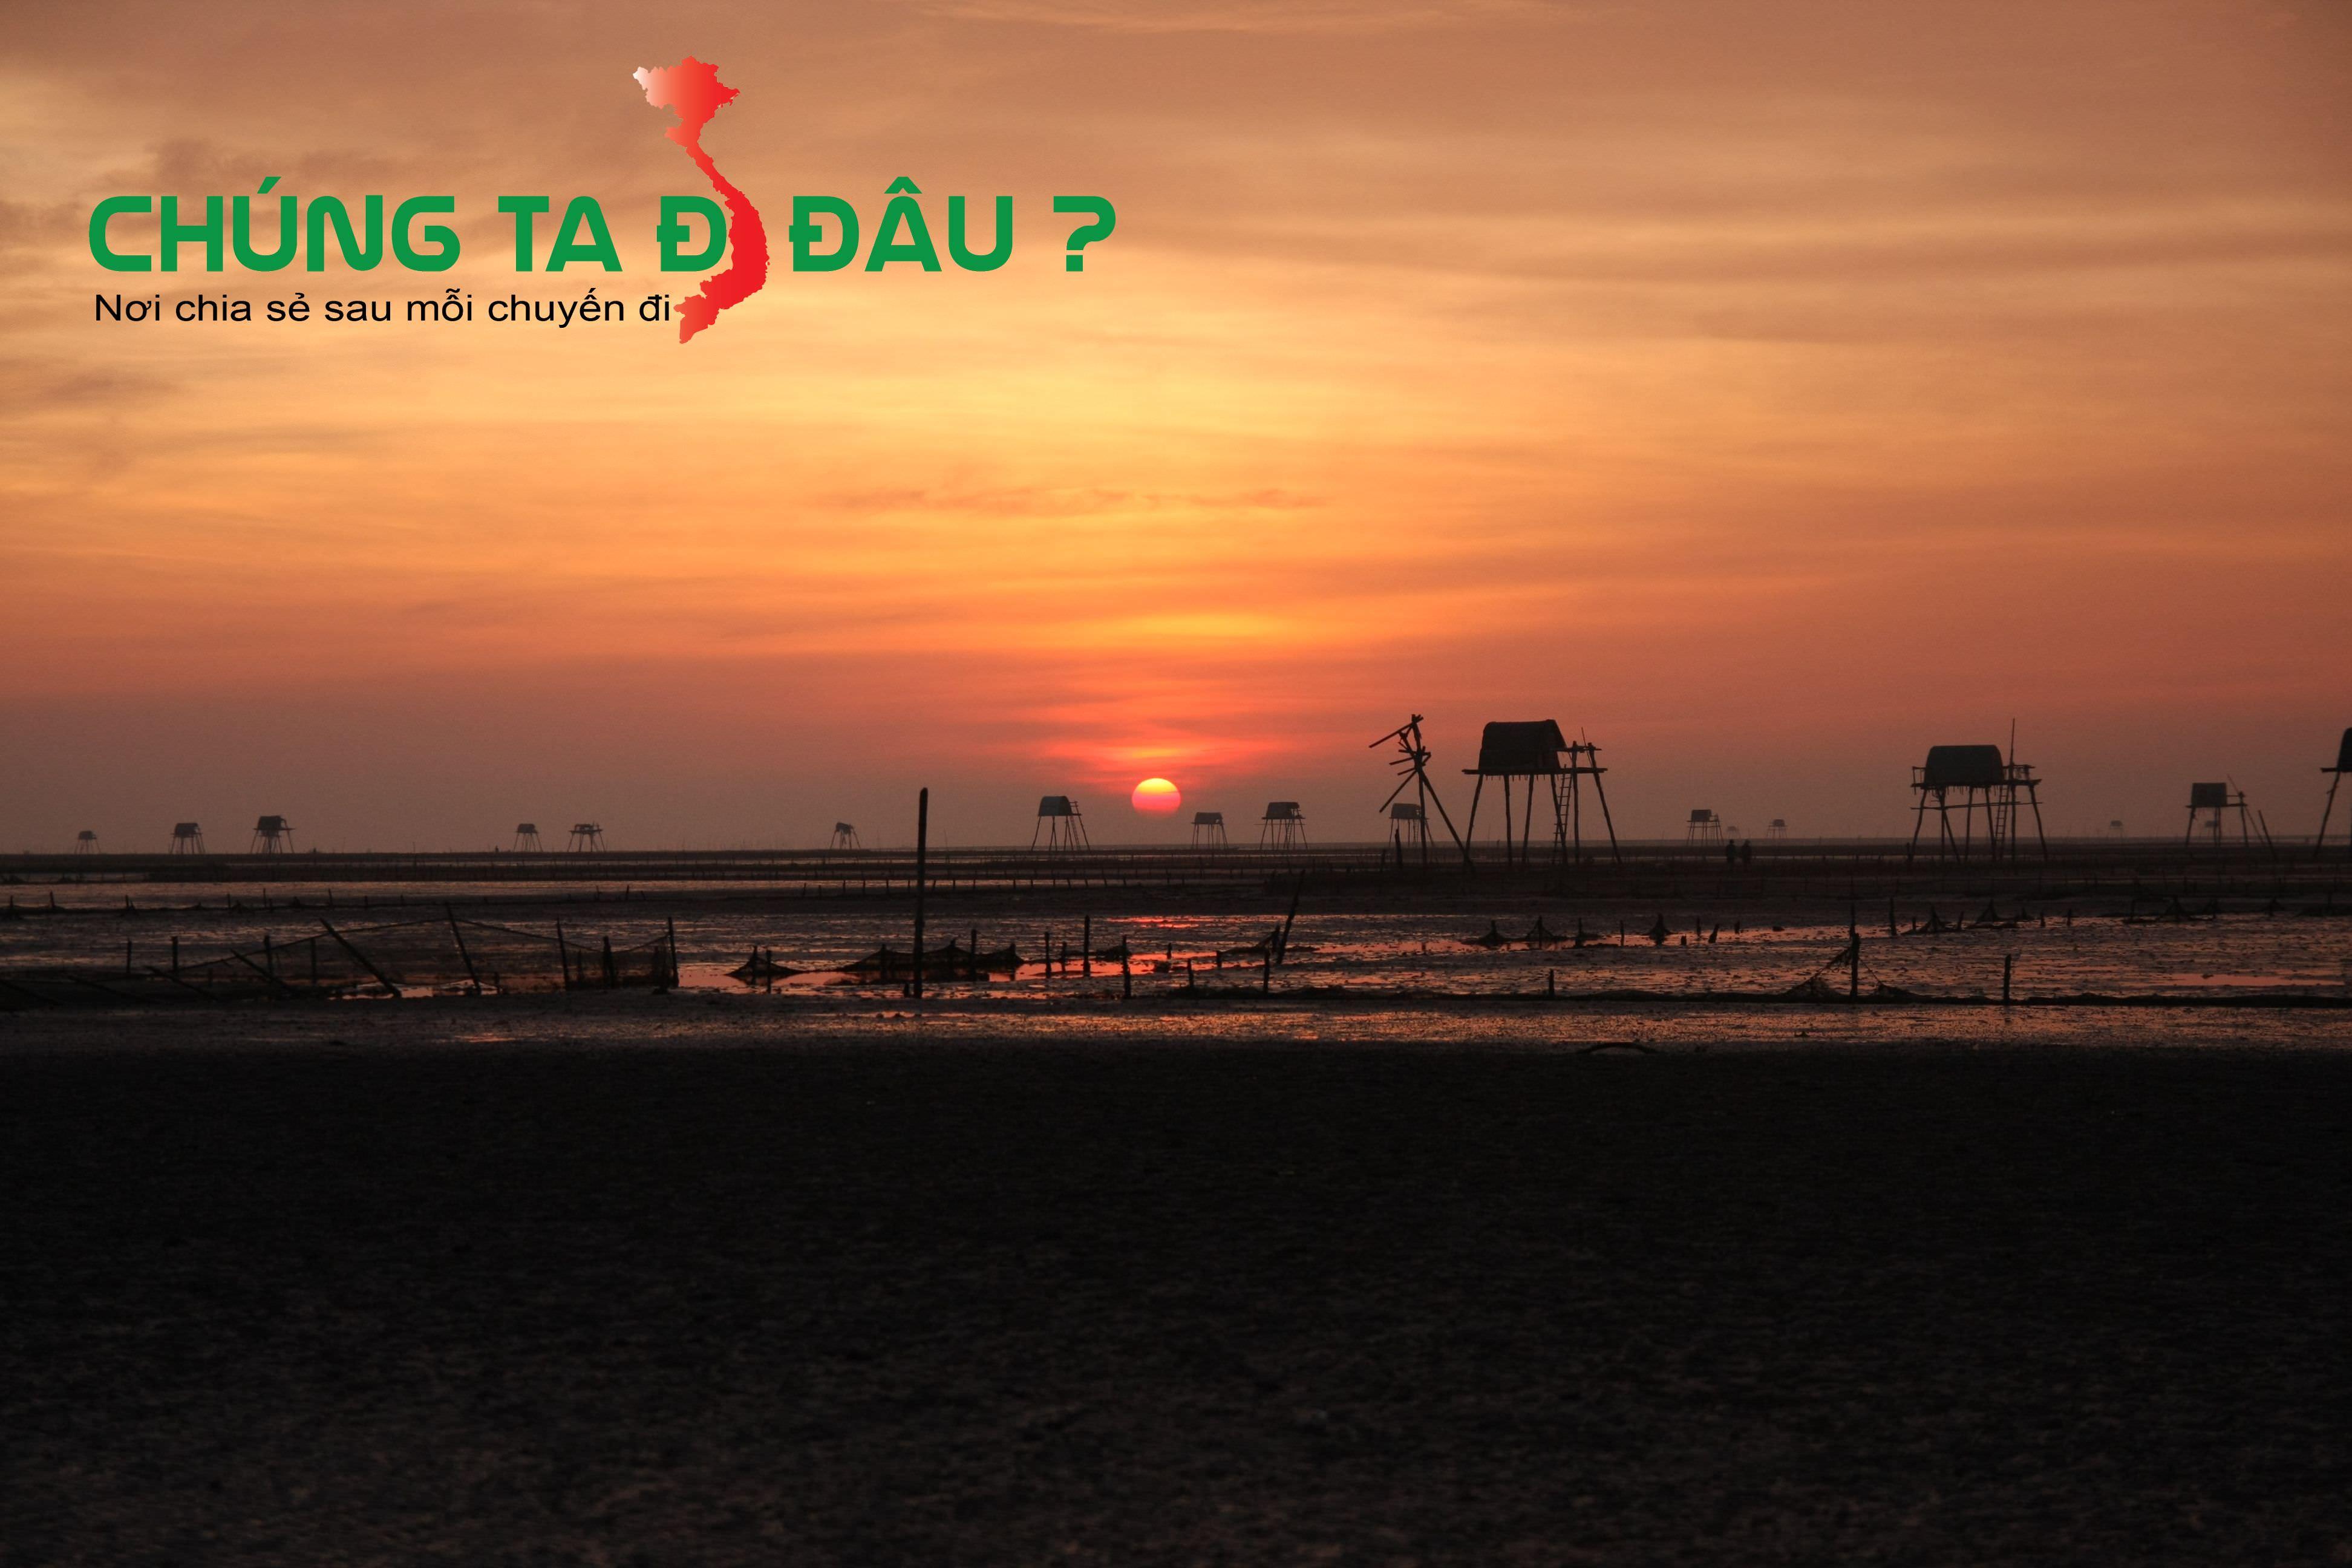 Mặt trời mọc trên bãi biển Đồng Châu